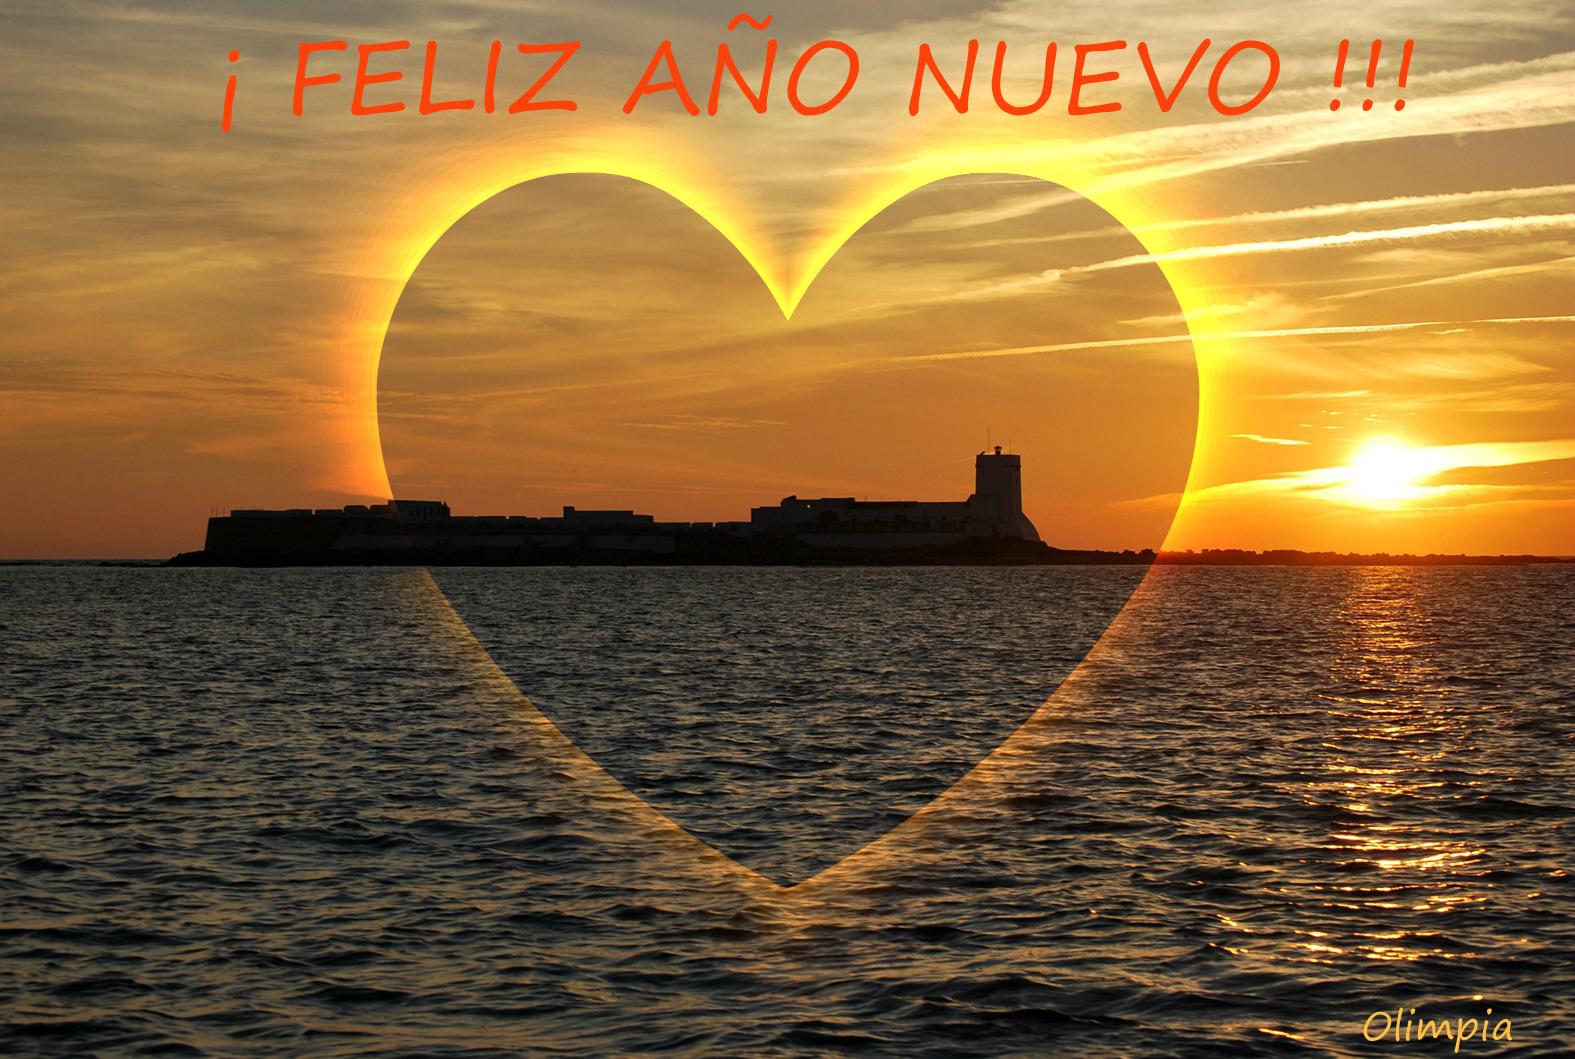 ¡ FELIZ AÑO NUEVO ! ! !